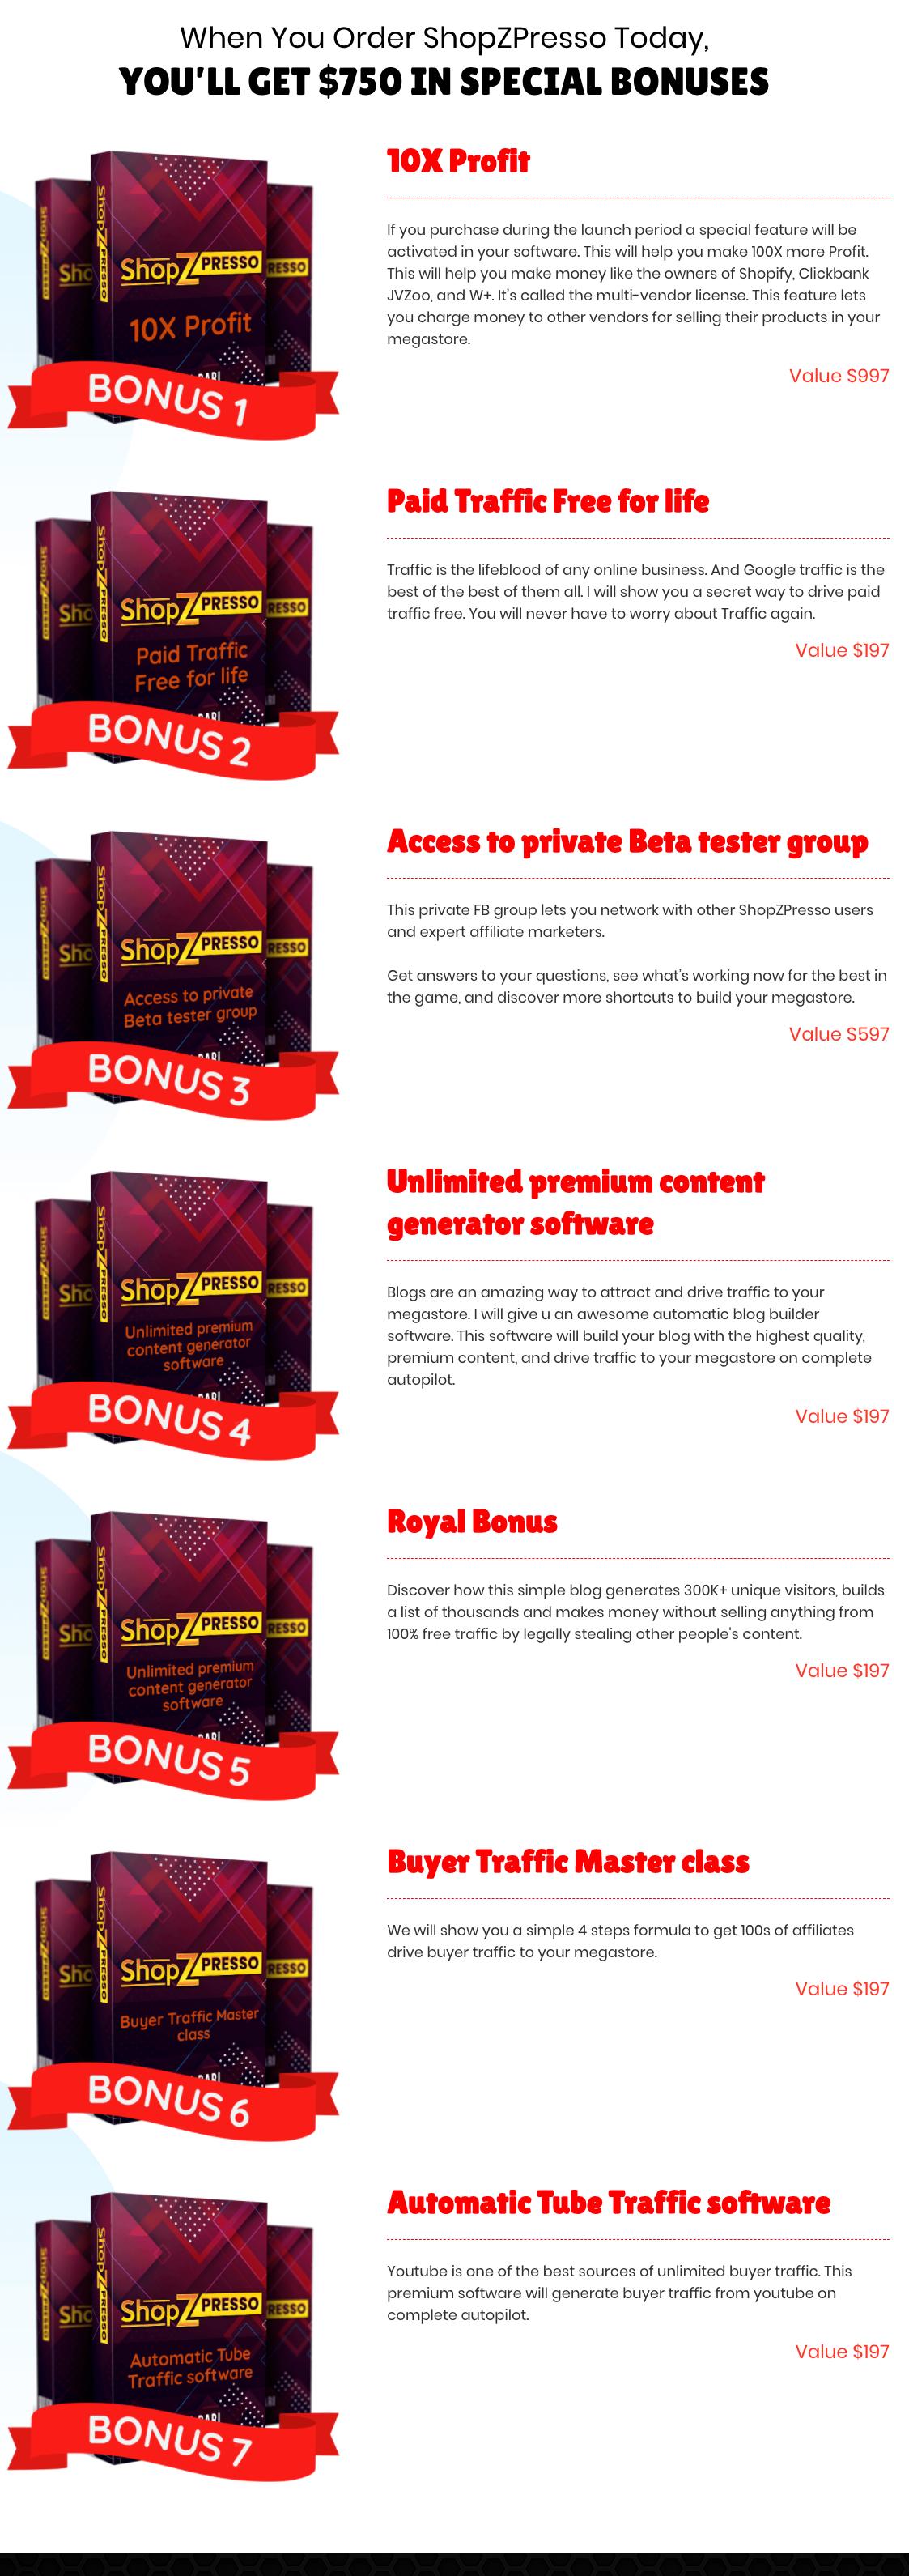 Hot bonus for ShopZPresso 2